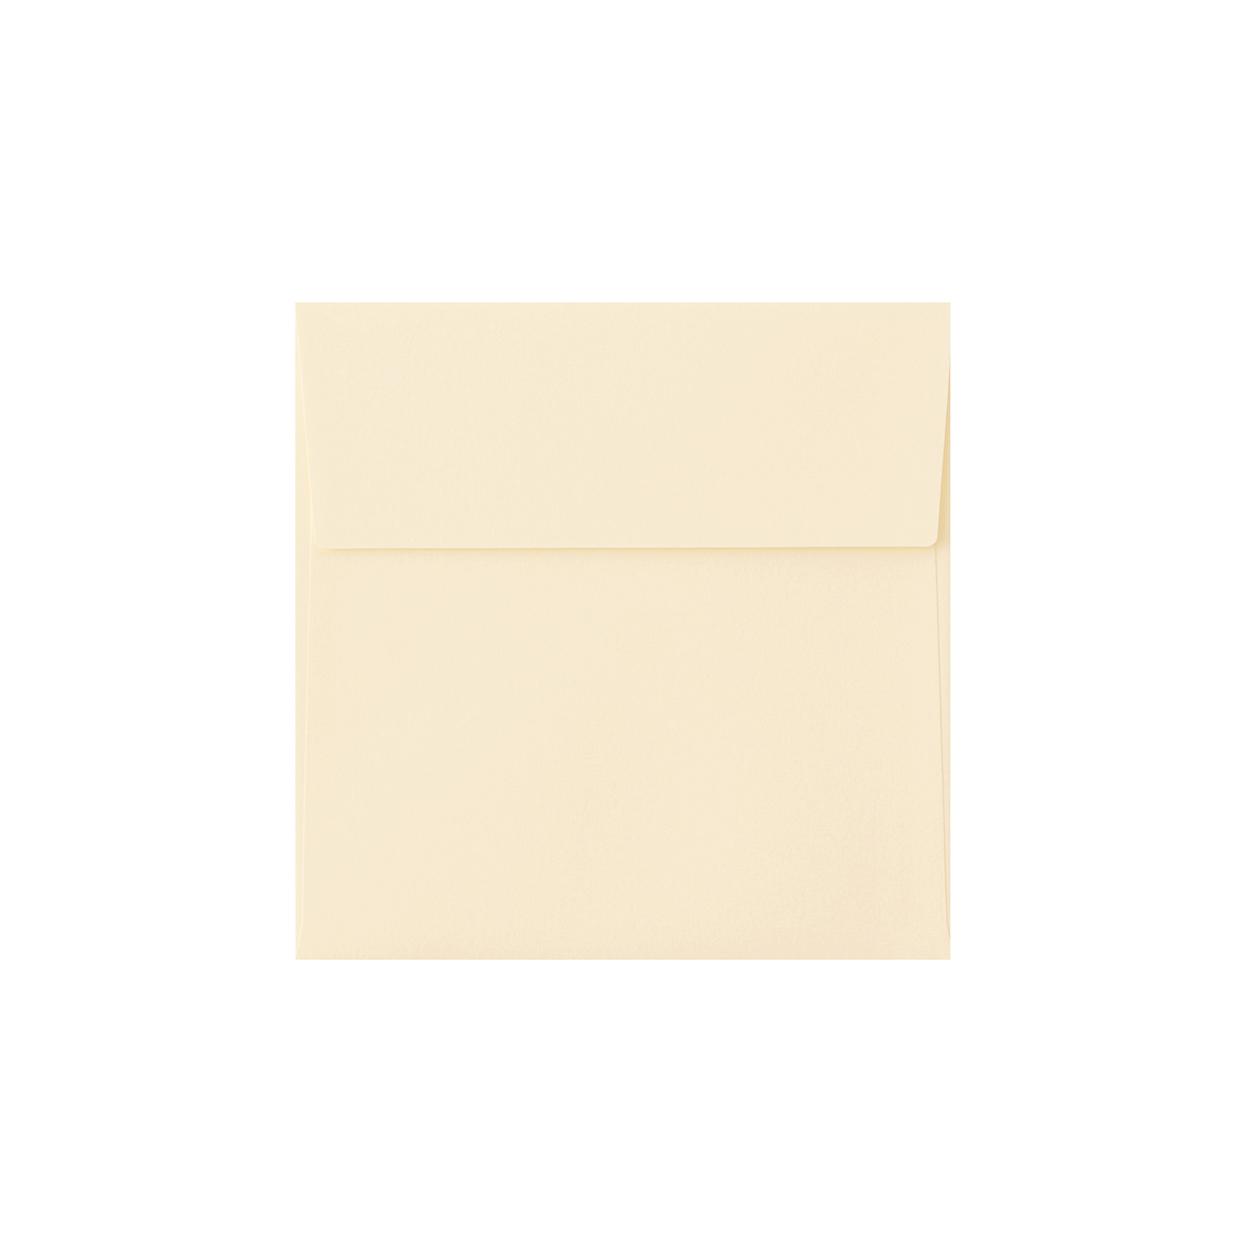 SE12.5カマス封筒 コットン ナチュラル 116.3g